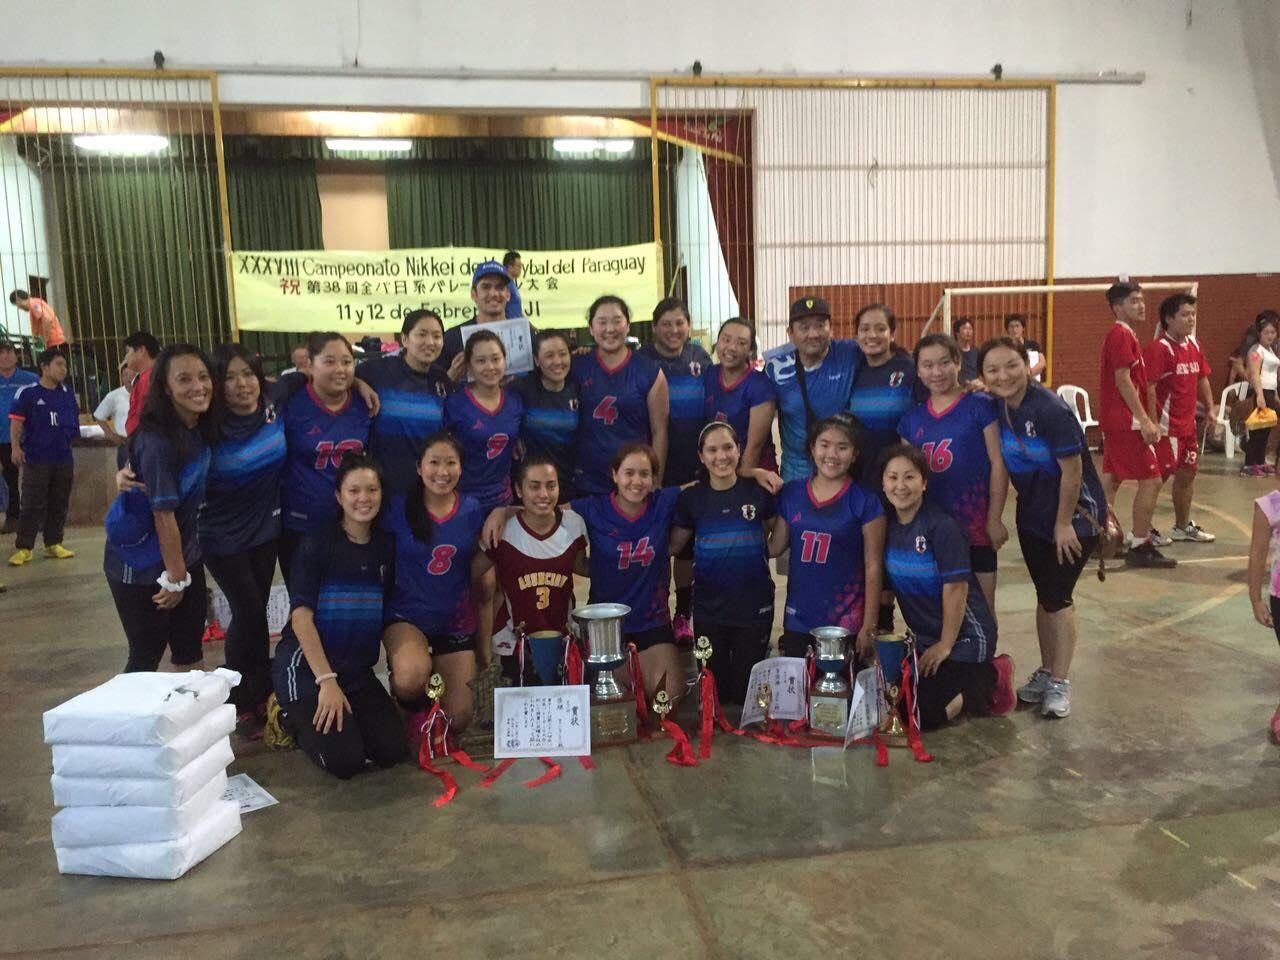 Preparado. Este sábado se realiza la 39 edición del torneo de Vóley Nikkei del Paraguay. Foto: Gentileza